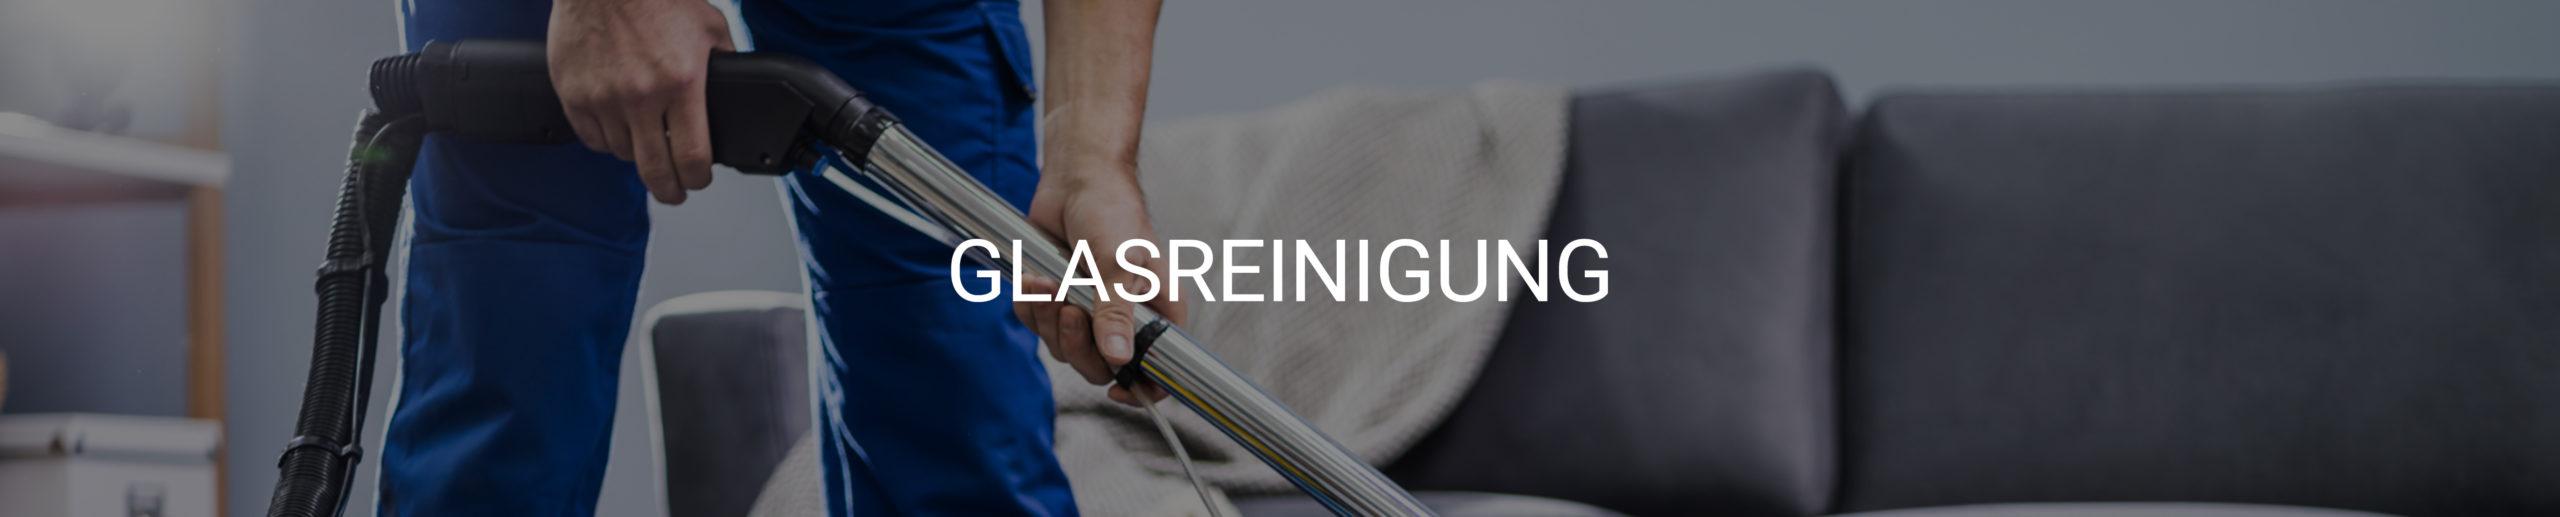 banner_glasreinigung2